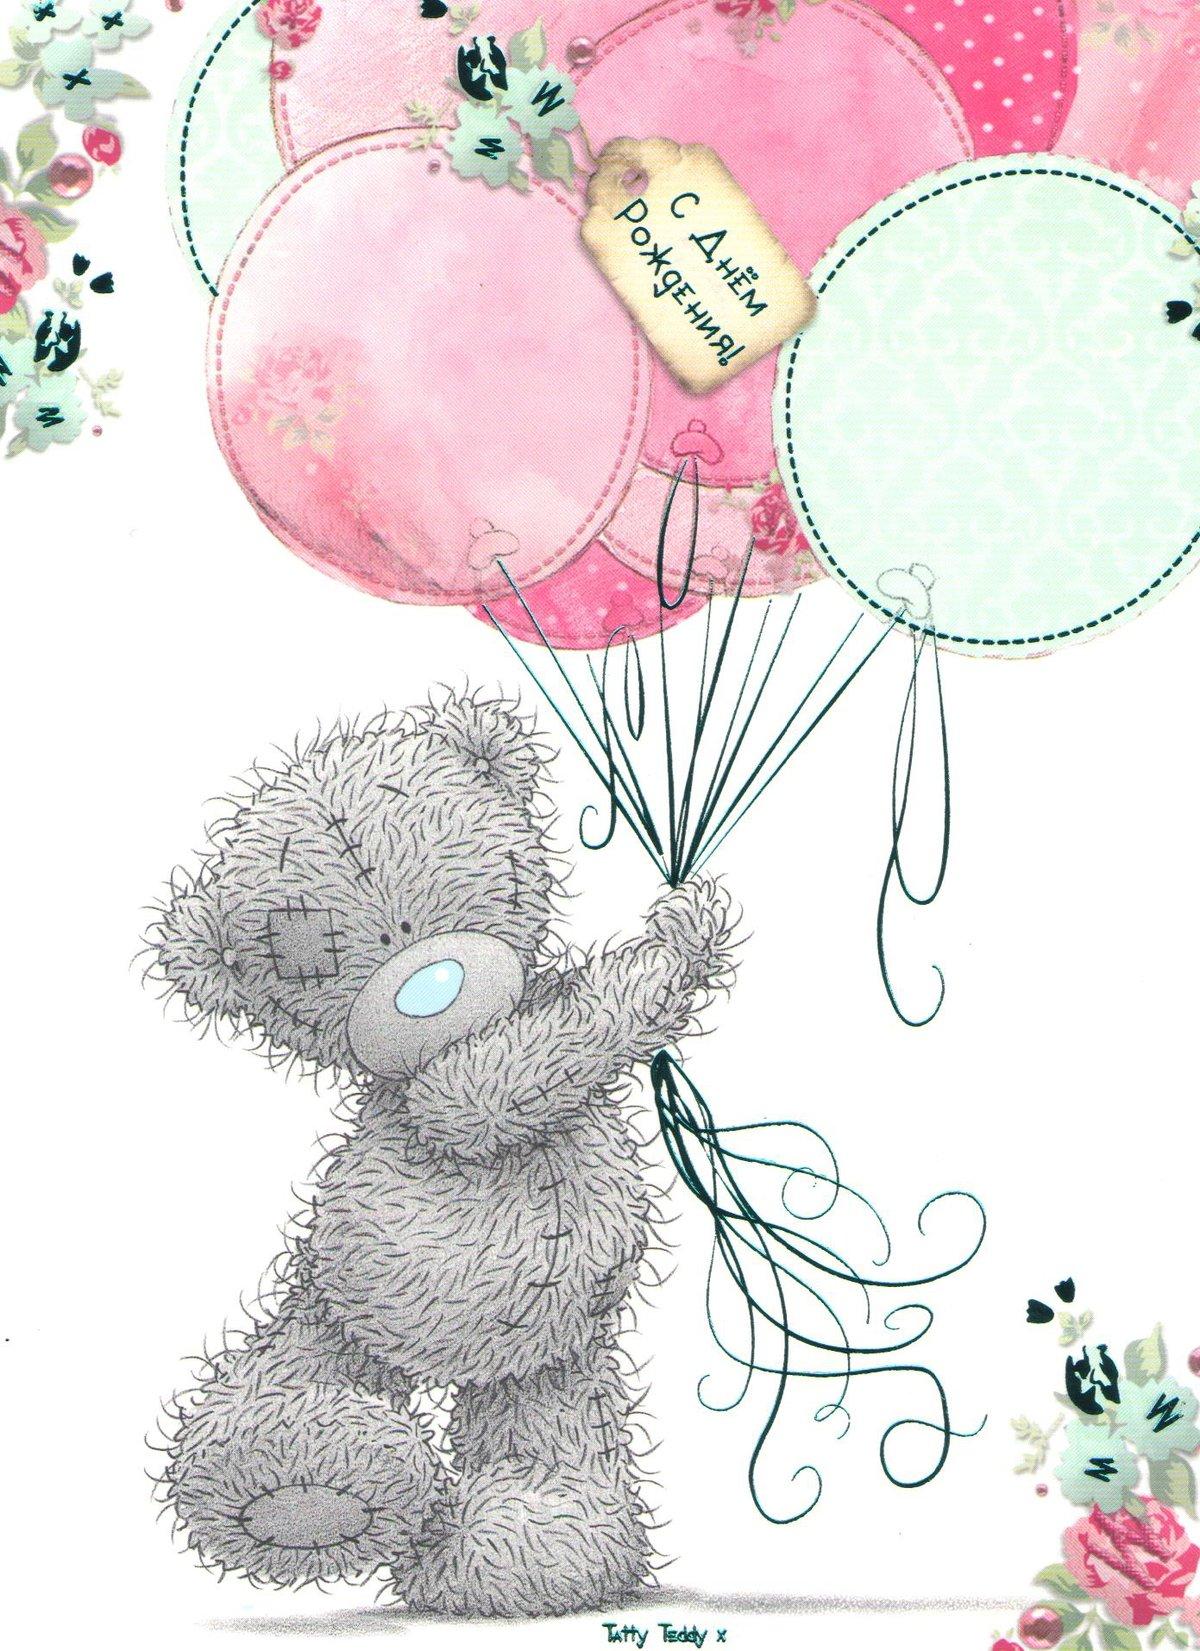 Как нарисовать открытку на день рождения лучшей подруге 11 лет, лошадка цветы